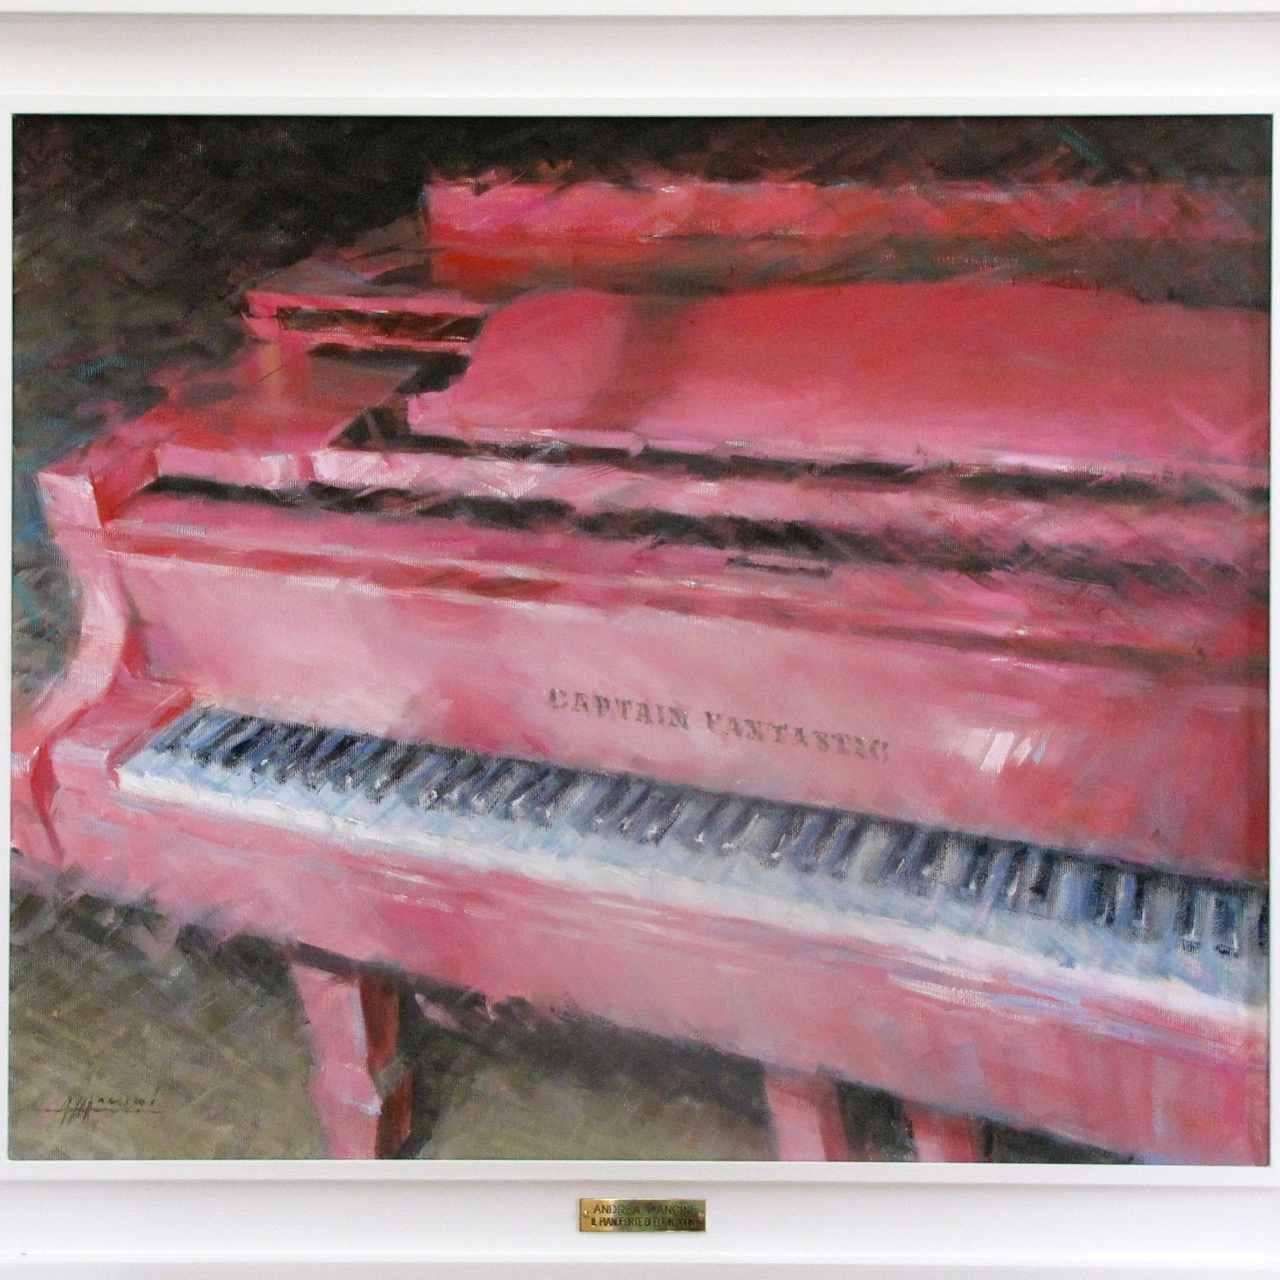 Pianoforte di Elton John, 2011, olio su tela, cm 50x60